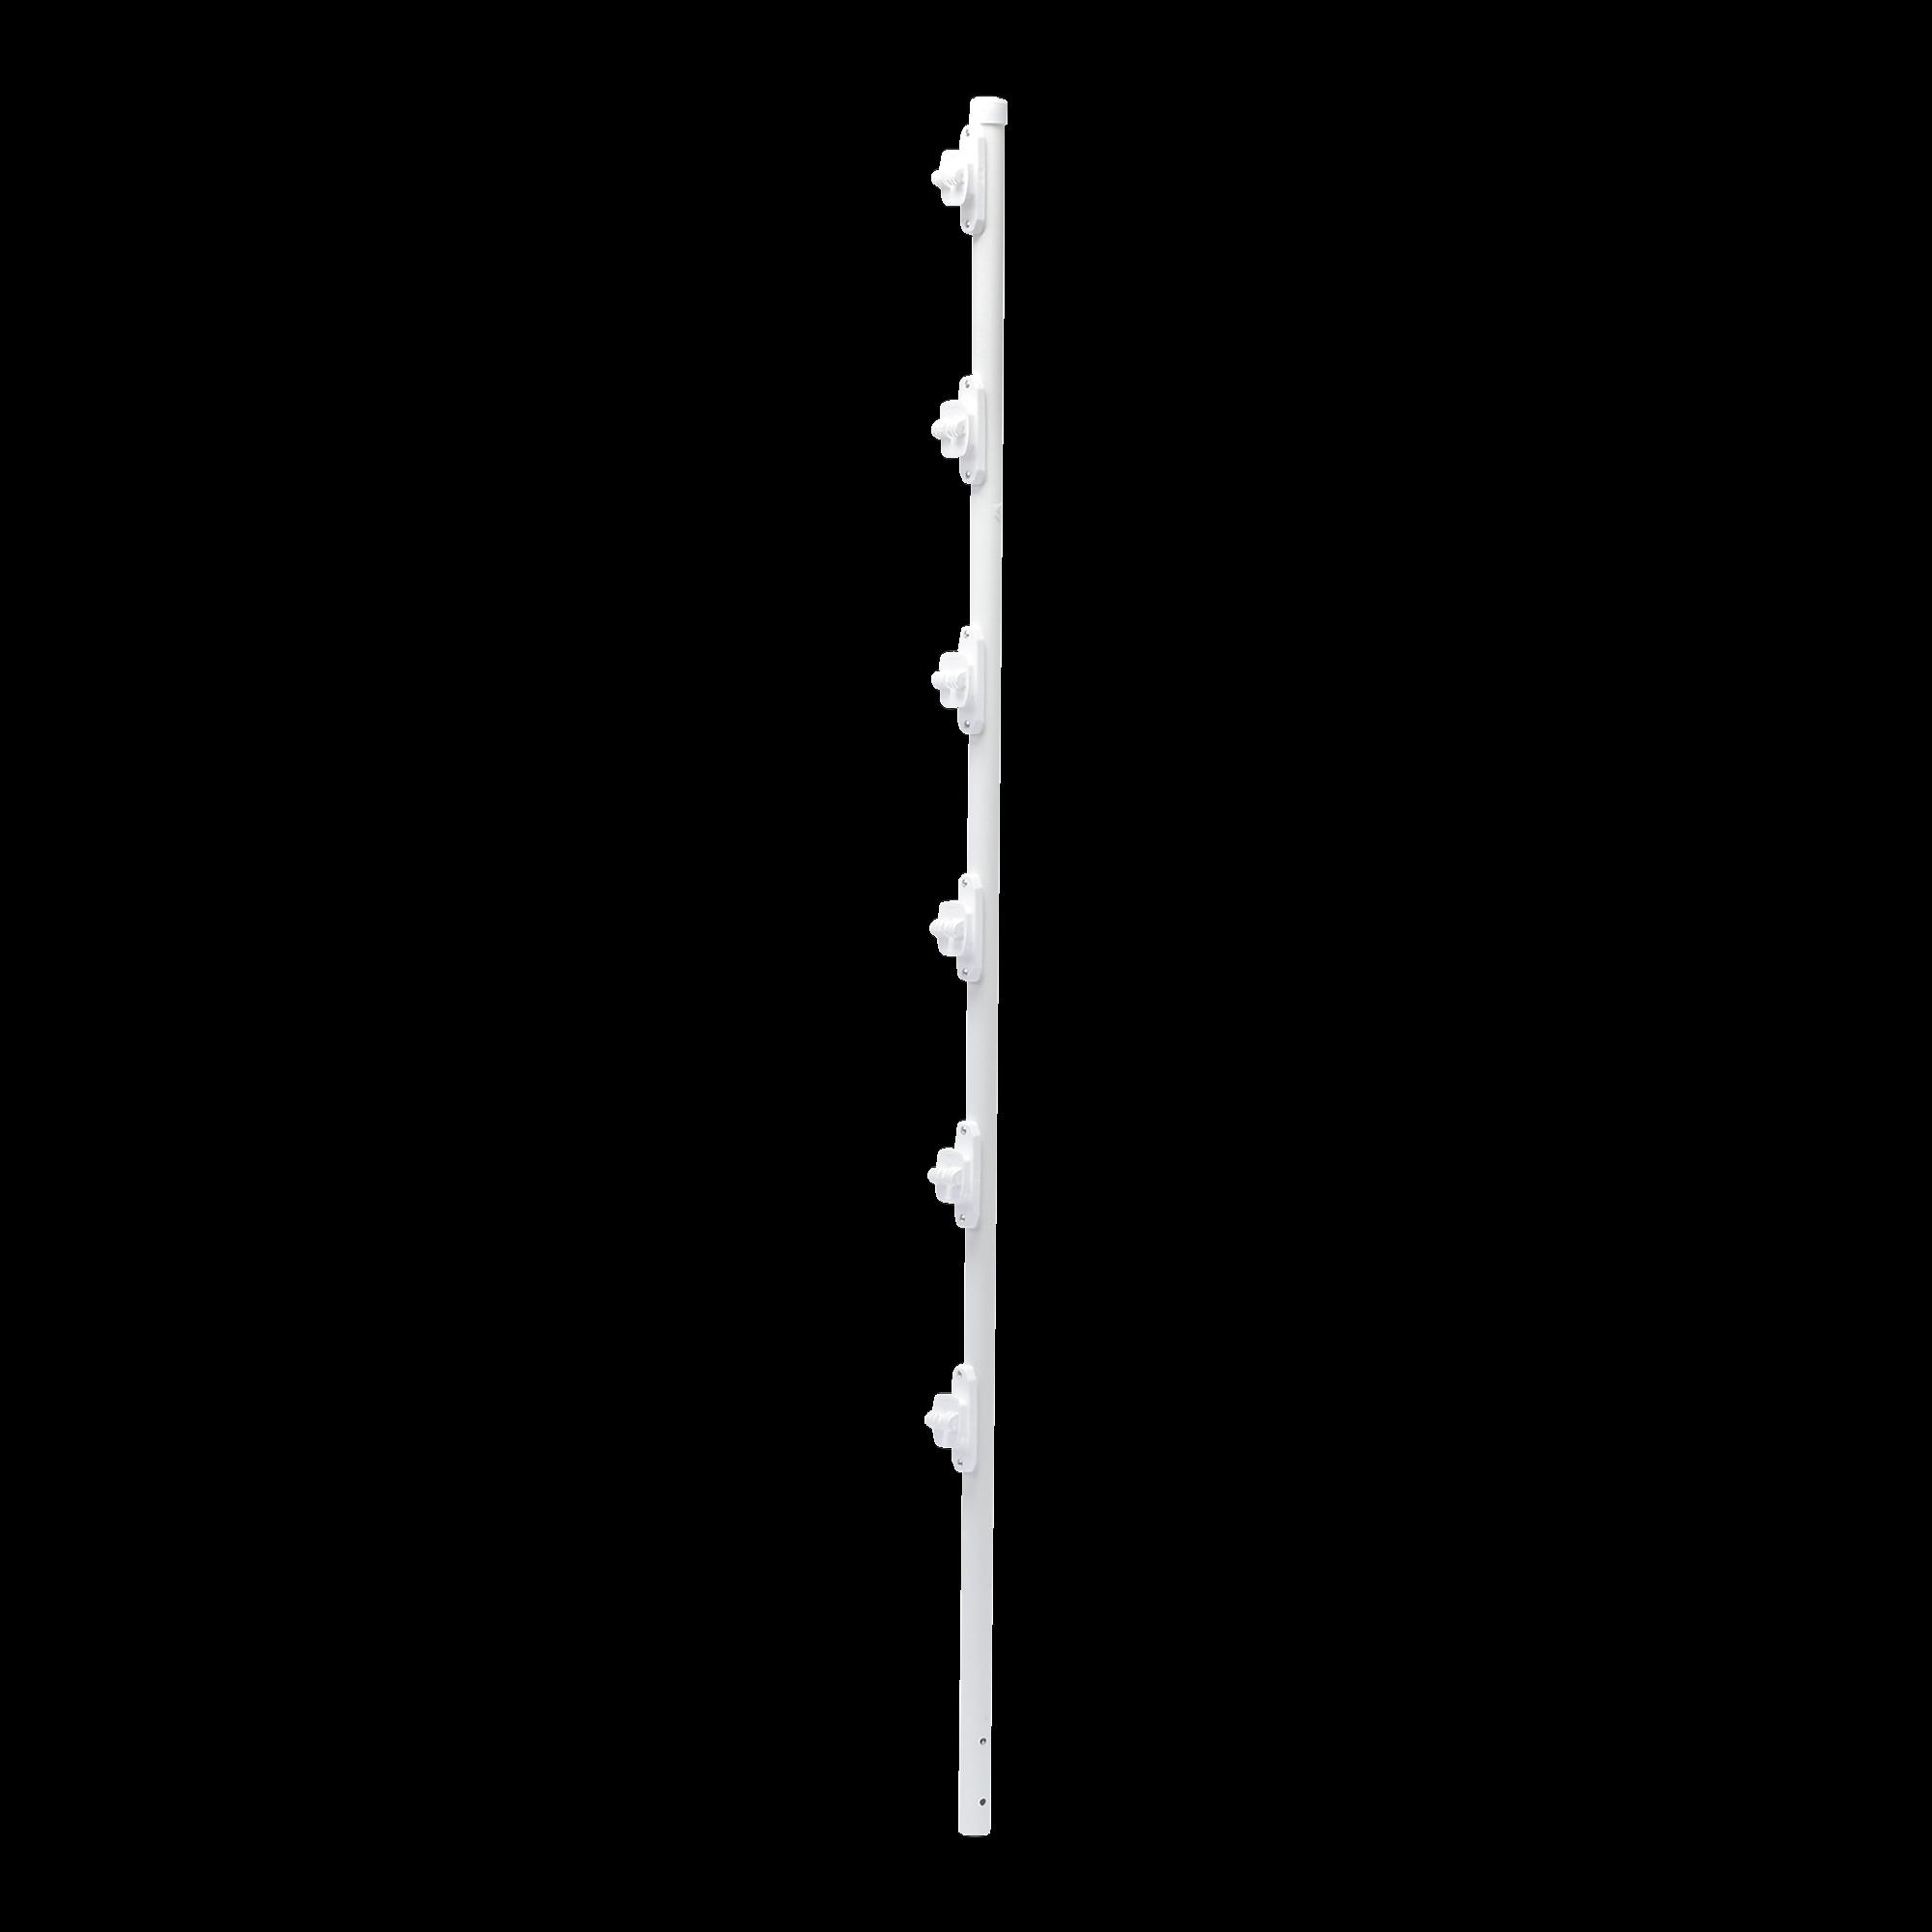 Poste con 6 Aisladores de PASO  para Cerca Electrificada. Tubo Galva. de 1.5m, cal. 18 de 1 Diam. + Pintura Blanca.